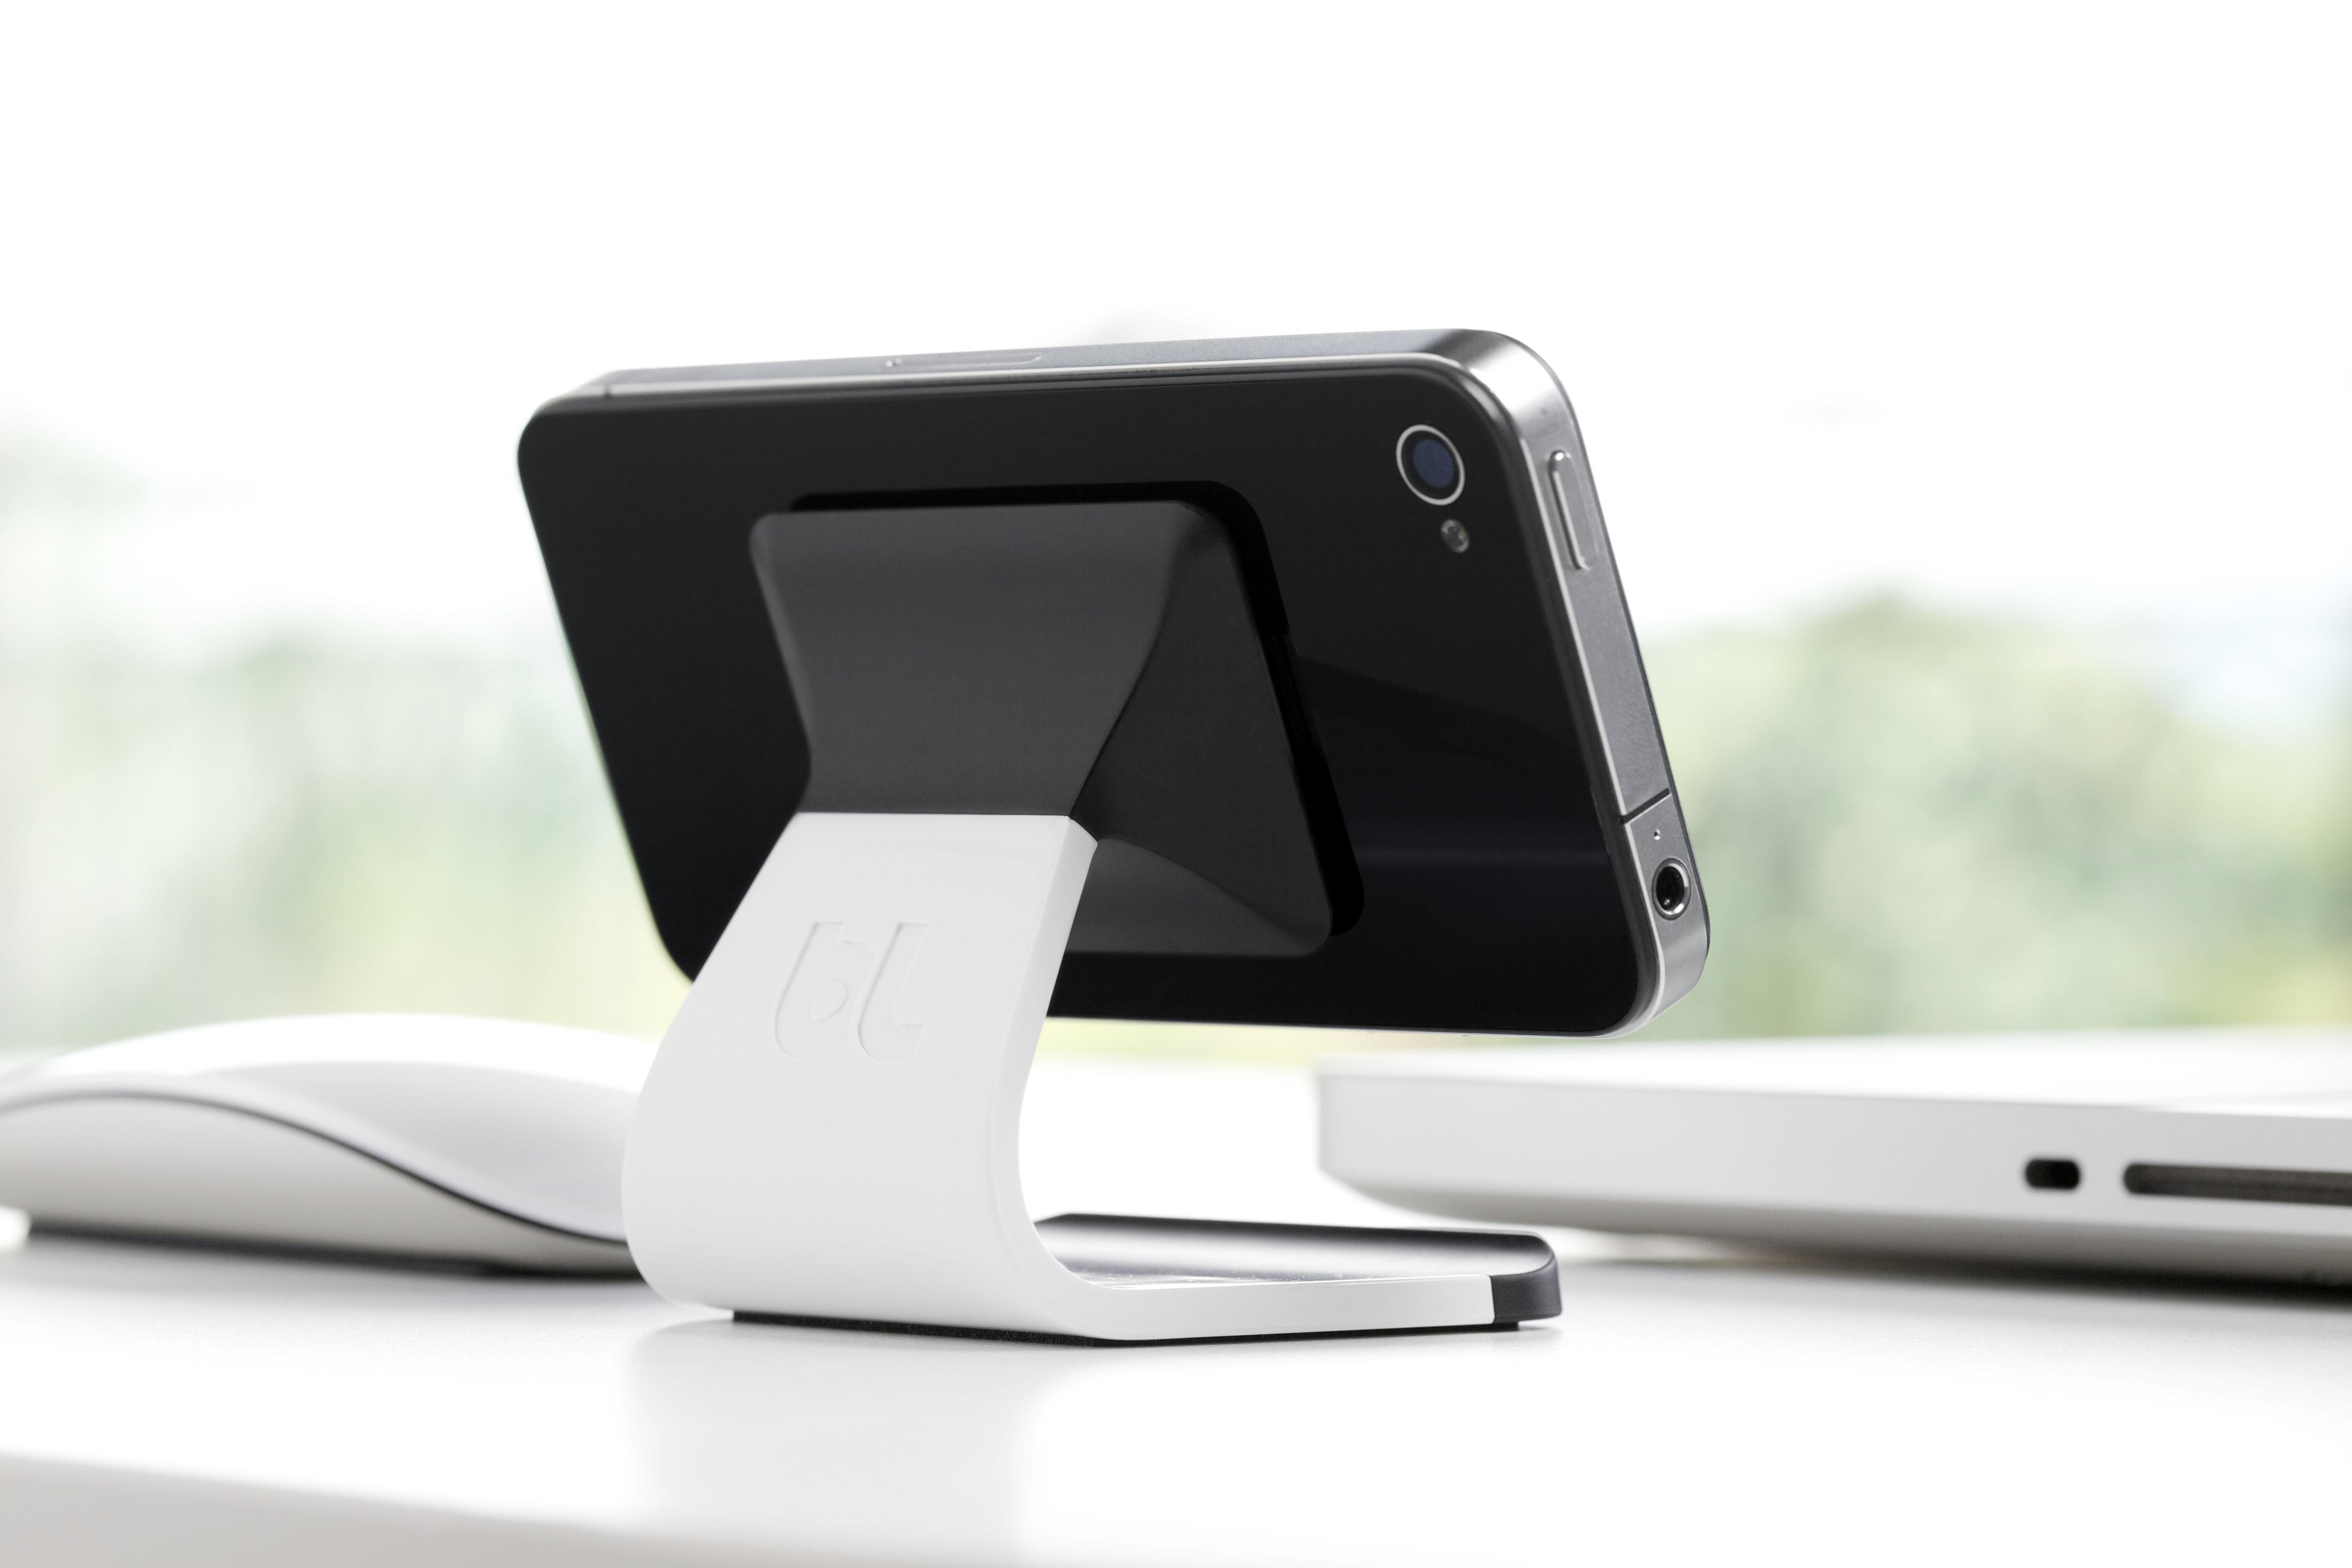 Porta Iphone Da Scrivania.Milo Bluelounge Recensione Dell Elegante Supporto Iphone Macitynet It